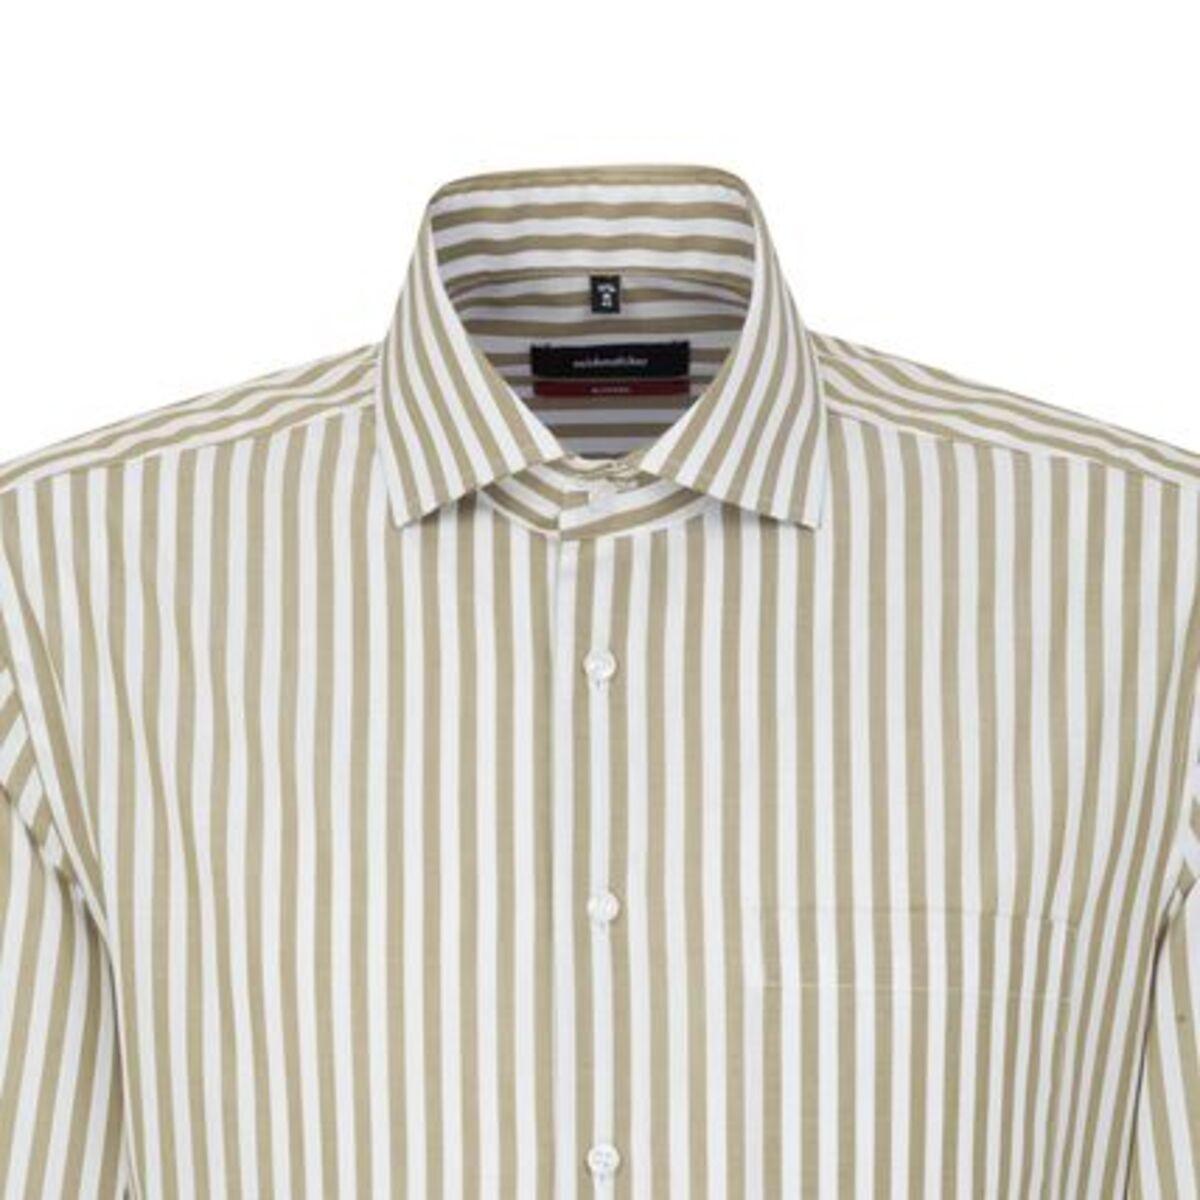 Bild 2 von Seidensticker Business Hemd Modern Langarm Kentkragen Streifen, Grün, grün, 39, 39